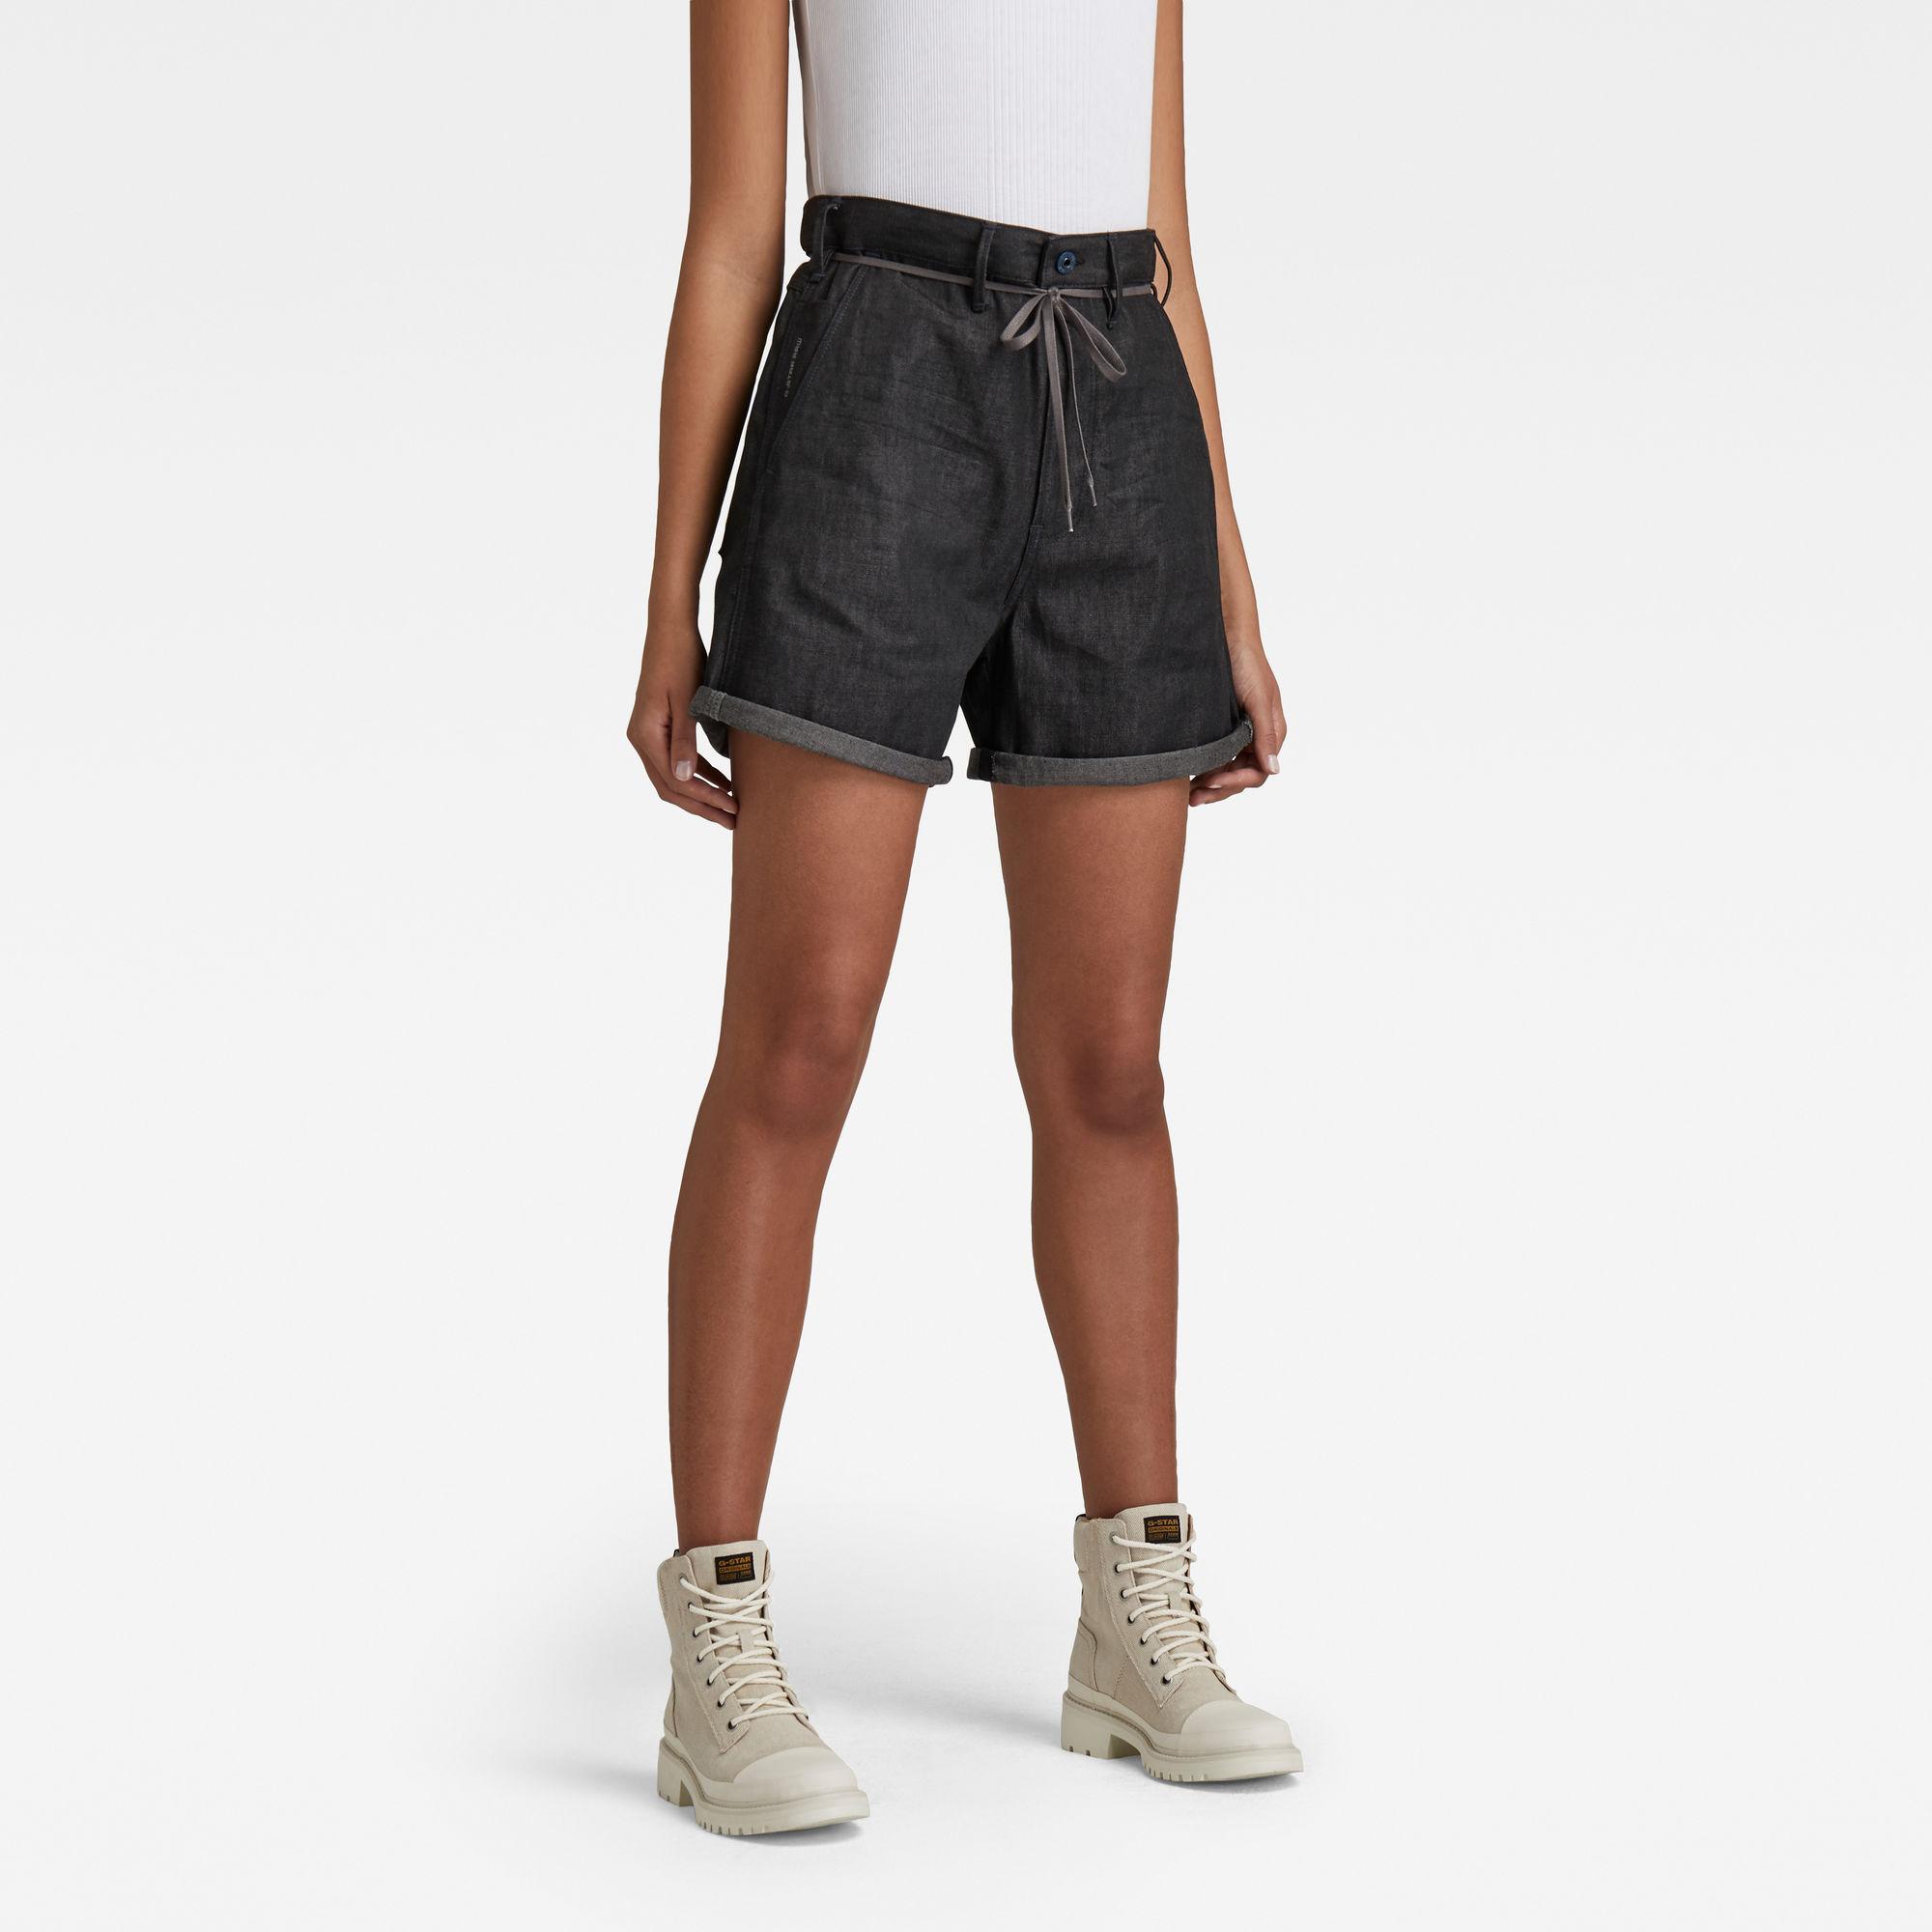 G-Star RAW Dames Lintell Shorts Zwart